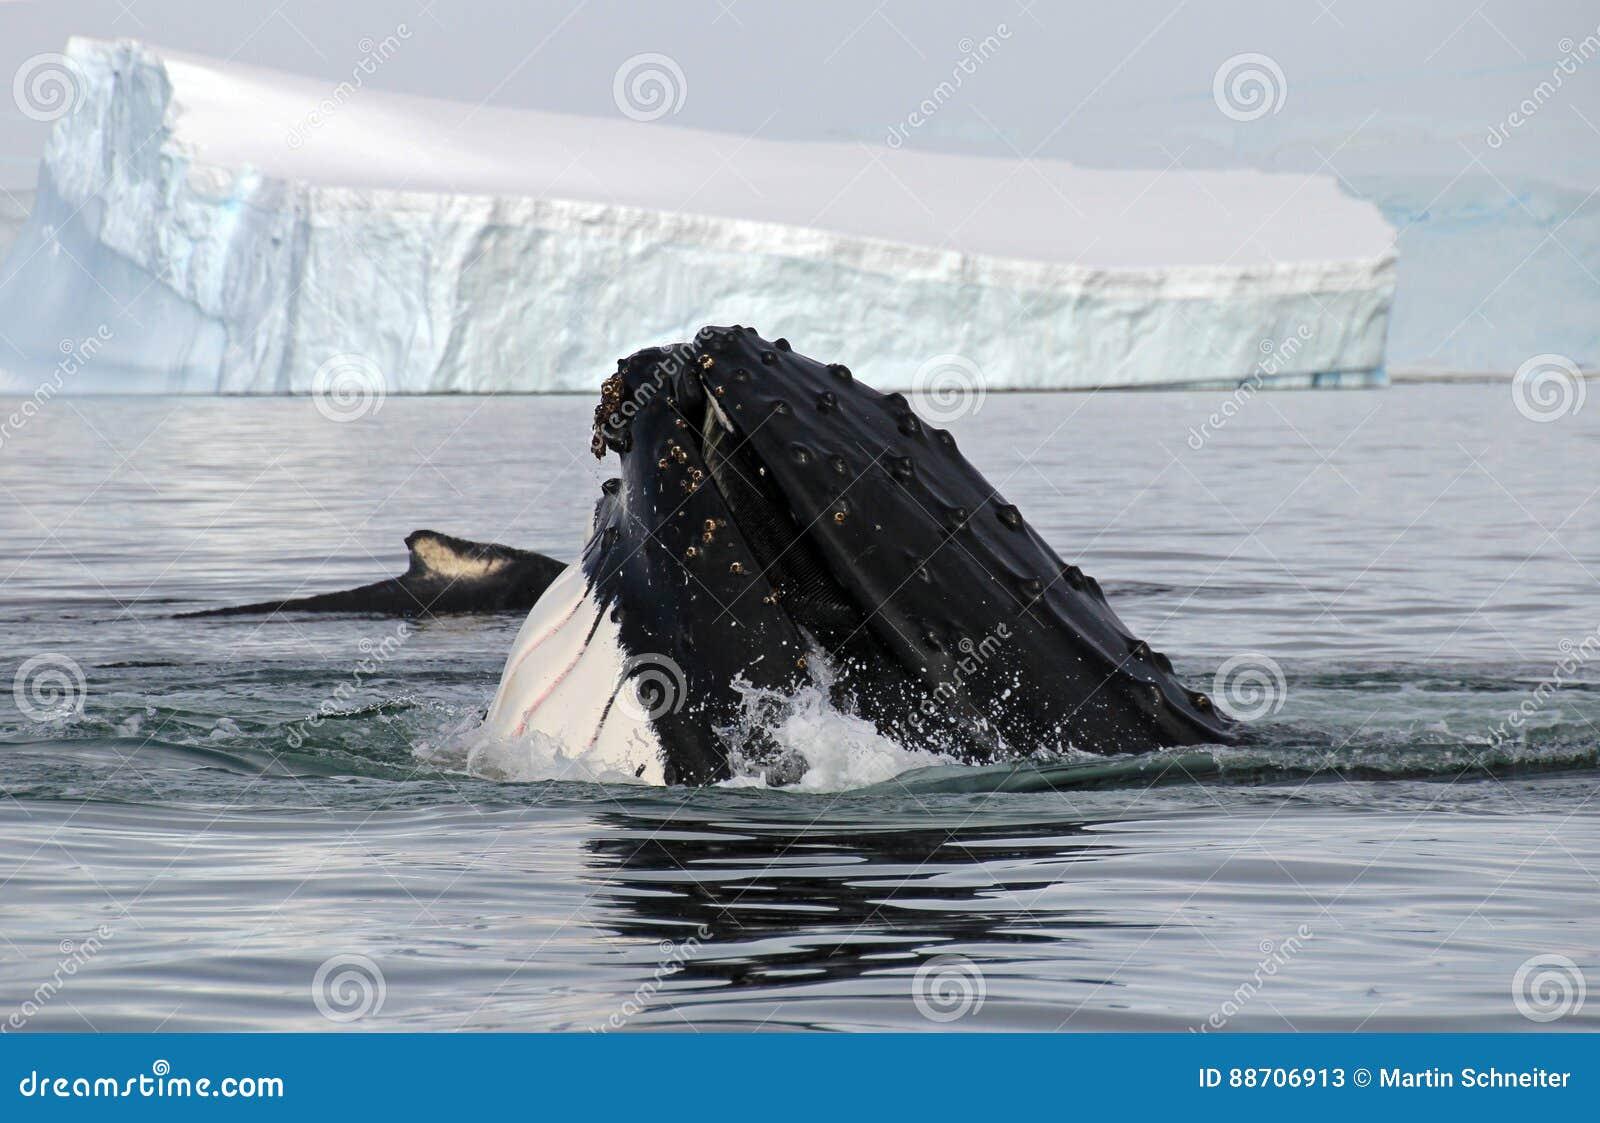 Humpback whale head